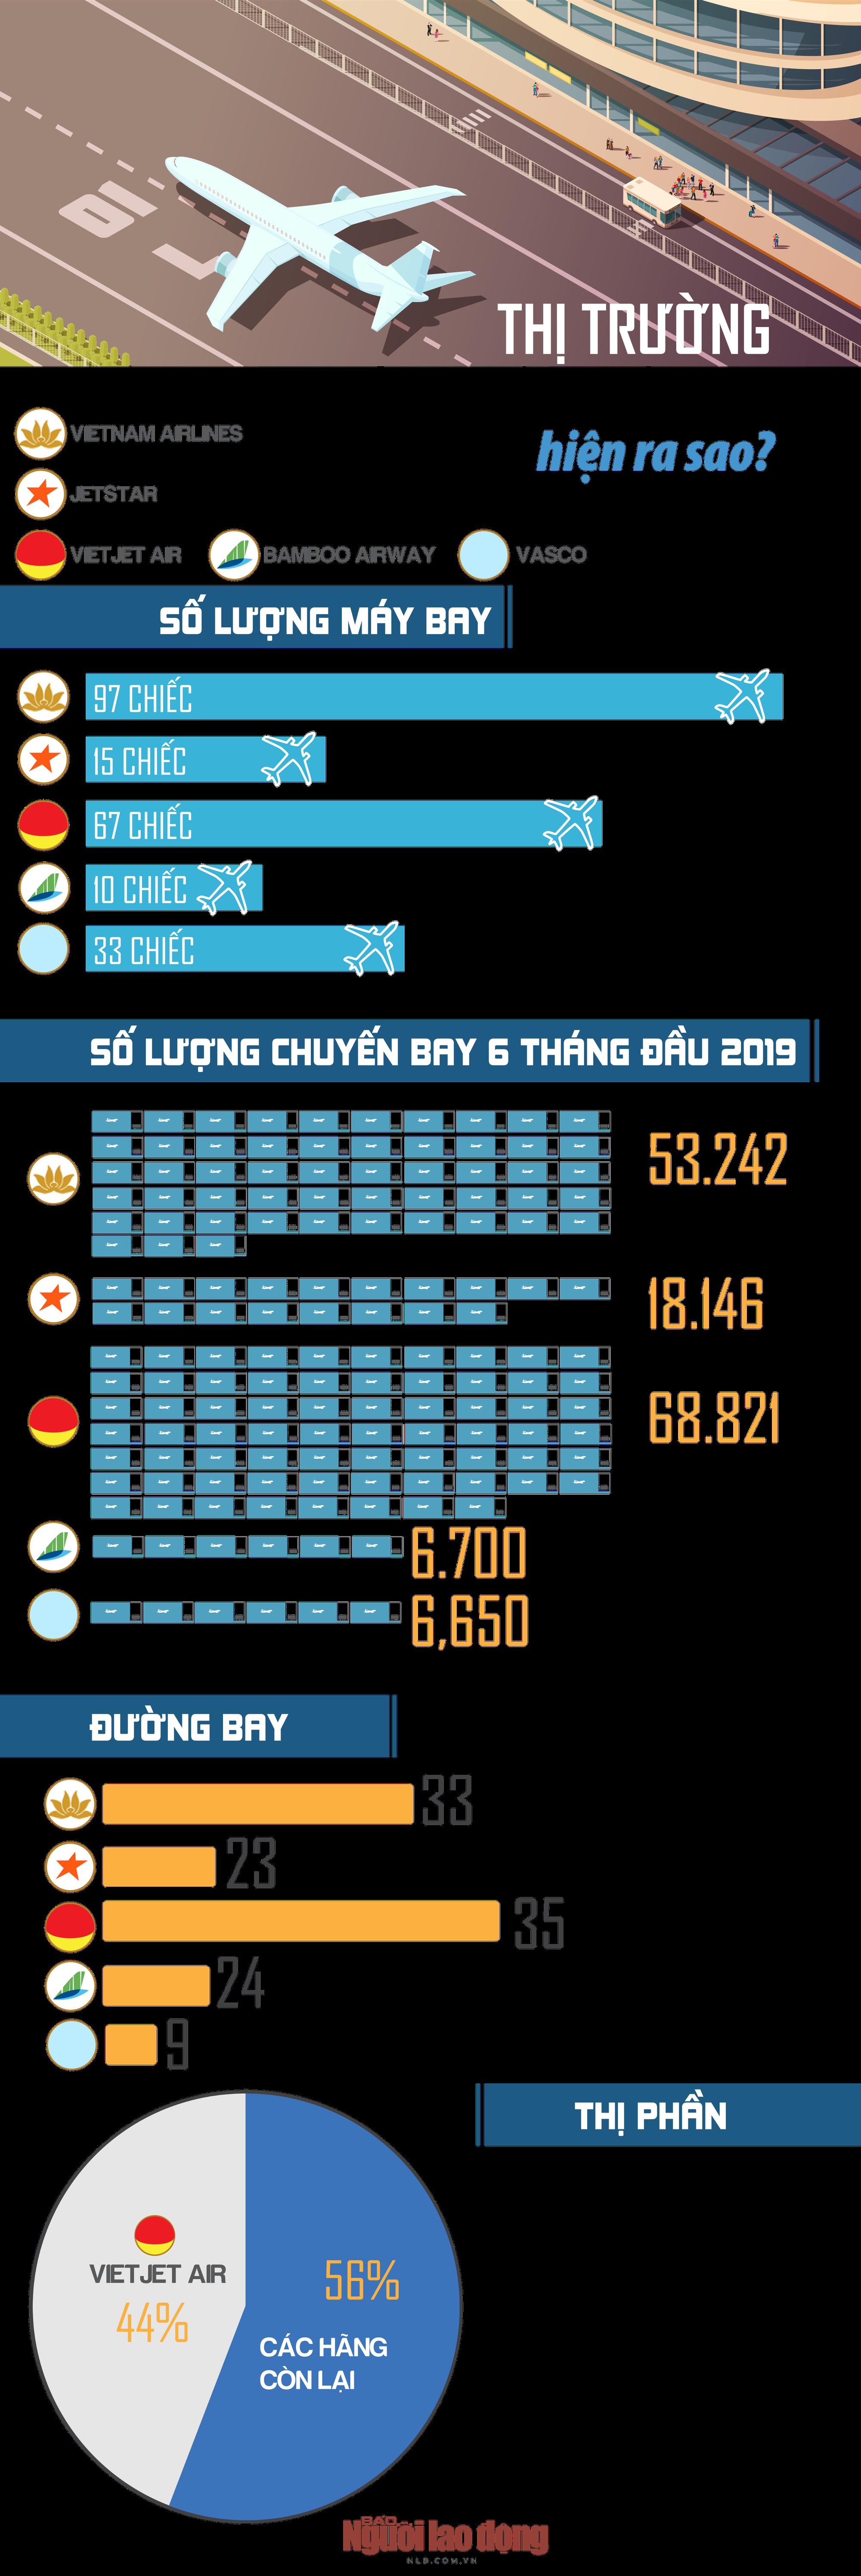 [Infographic] - Thị trường hàng không Việt Nam hiện ra sao? - ảnh 1